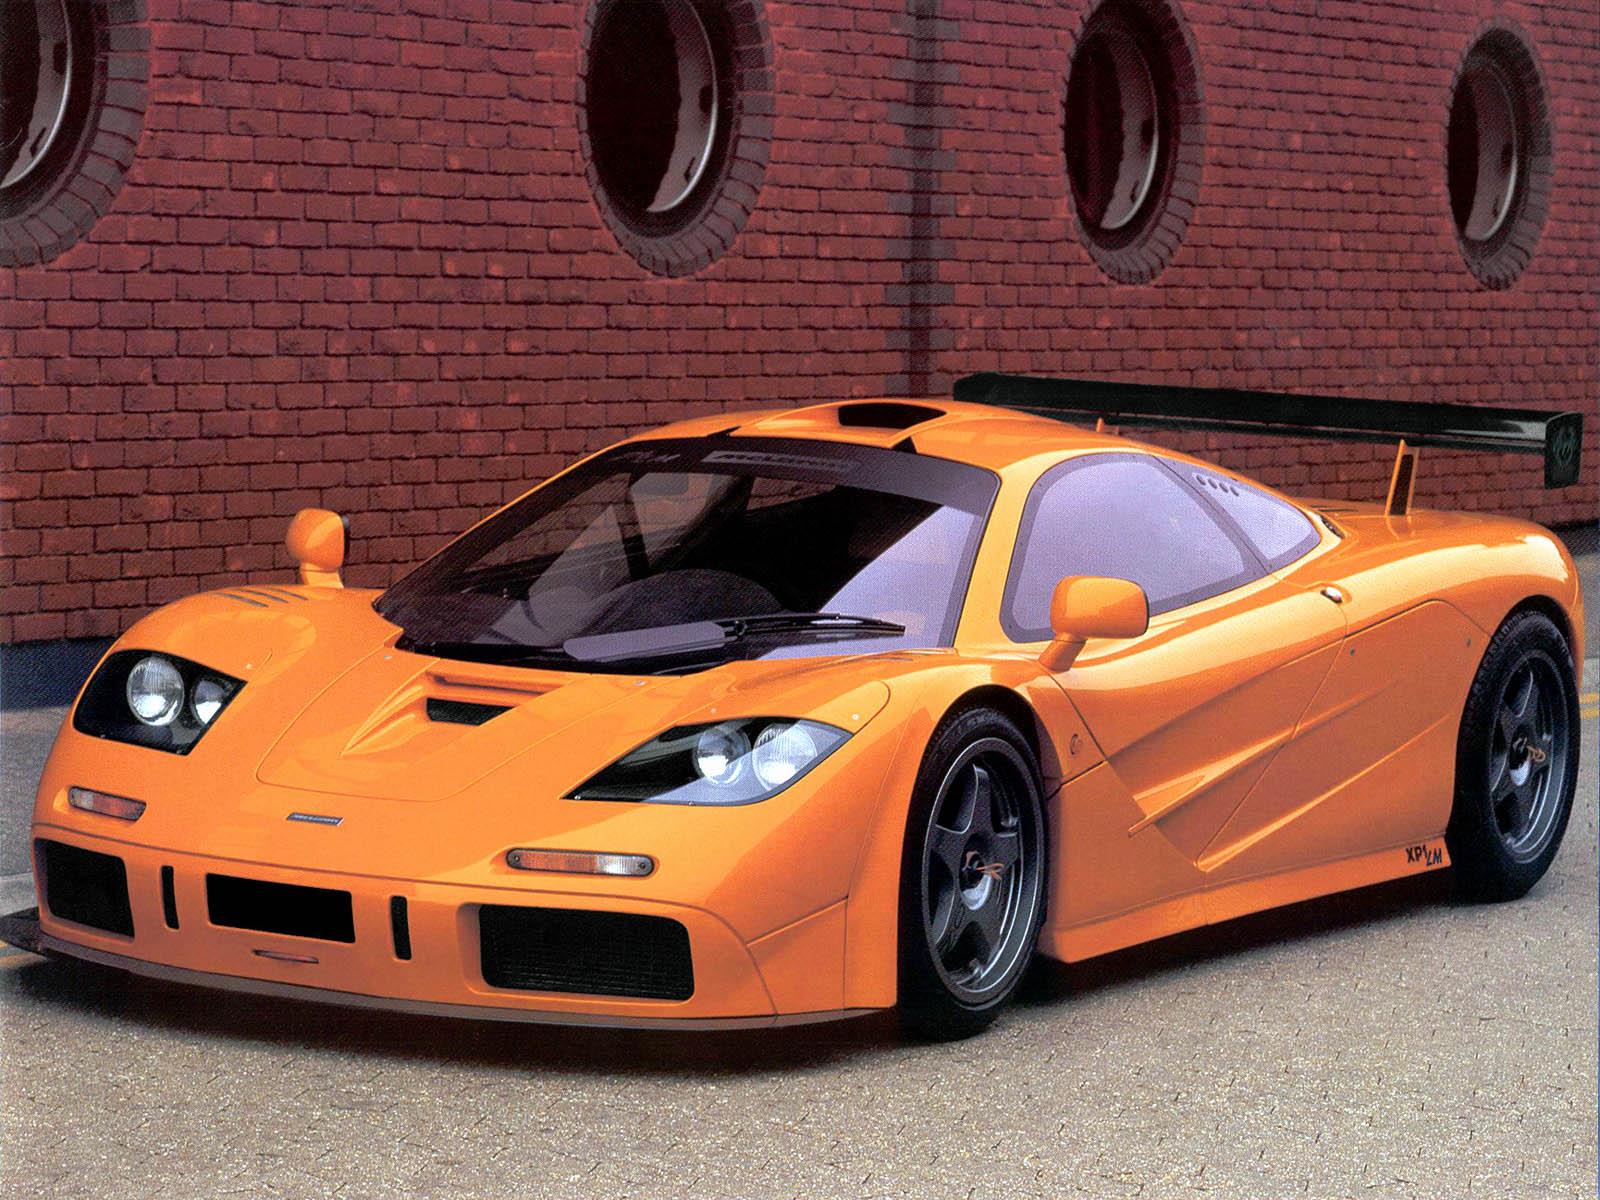 http://3.bp.blogspot.com/_sRGU_JXOz6E/TRYkgTIK8JI/AAAAAAAAAgY/FdNTXrFEBUQ/s1600/McLaren-F1-Wallpaper.jpg